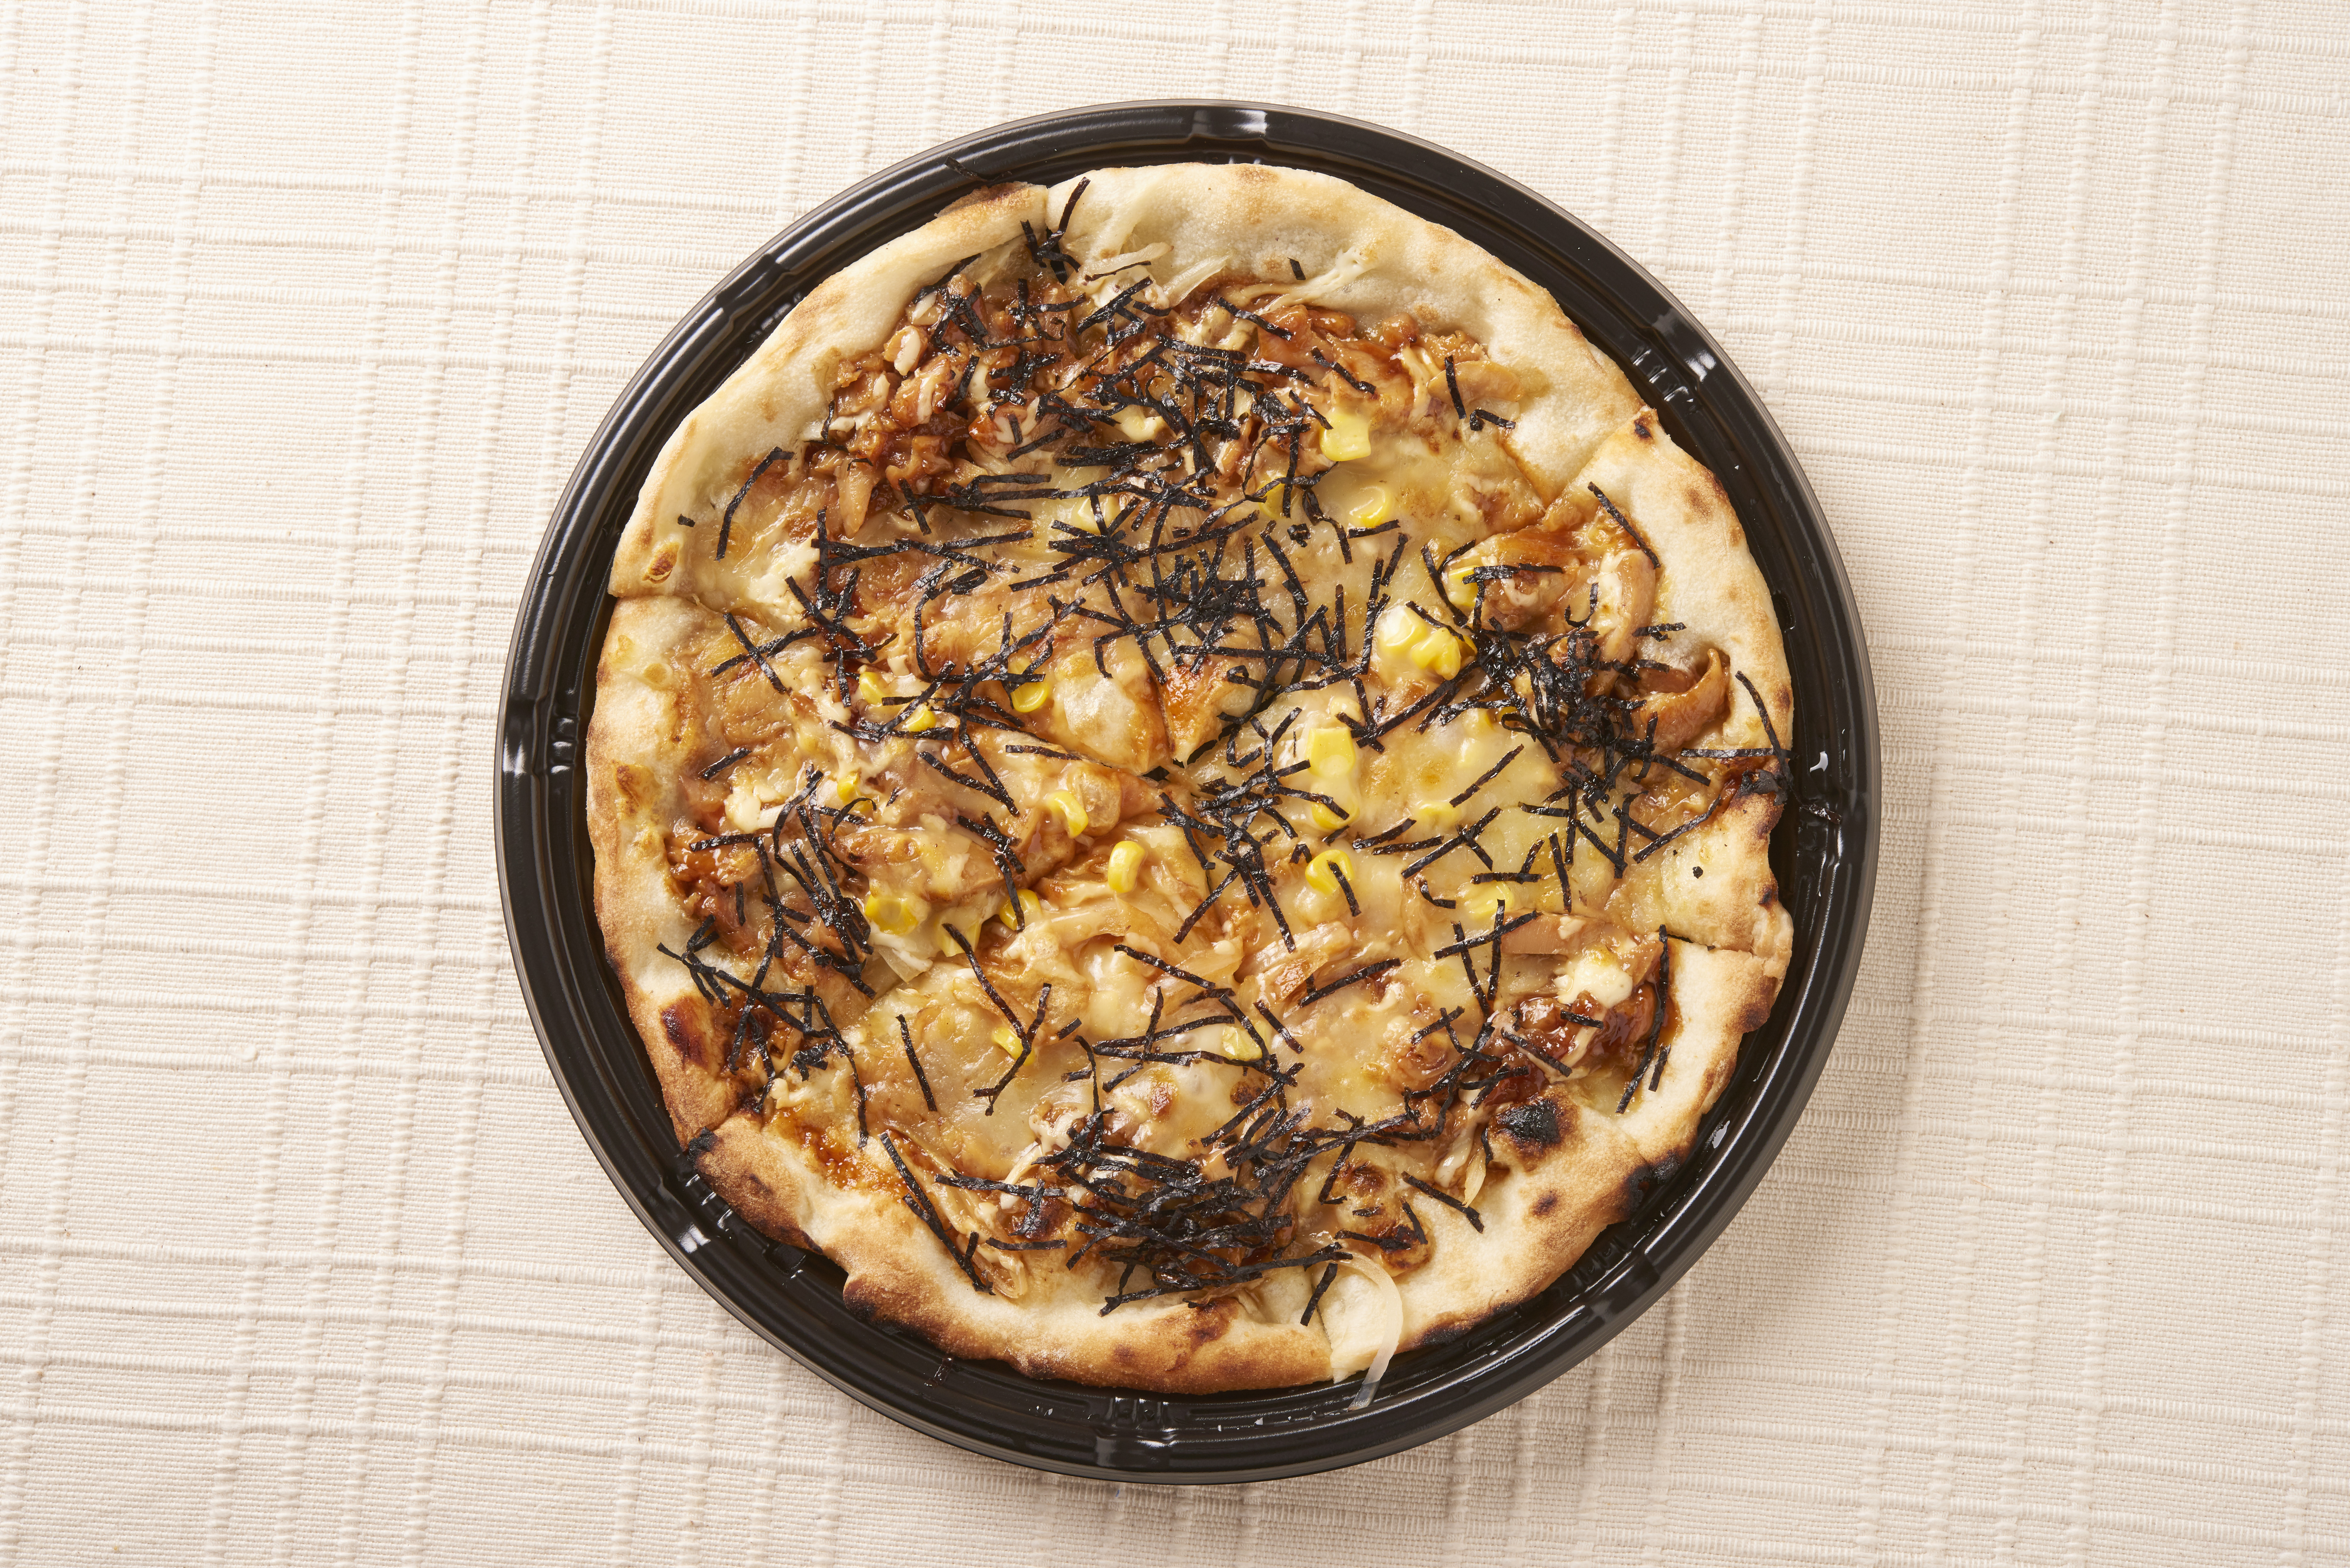 テリヤキチキンピザの写真